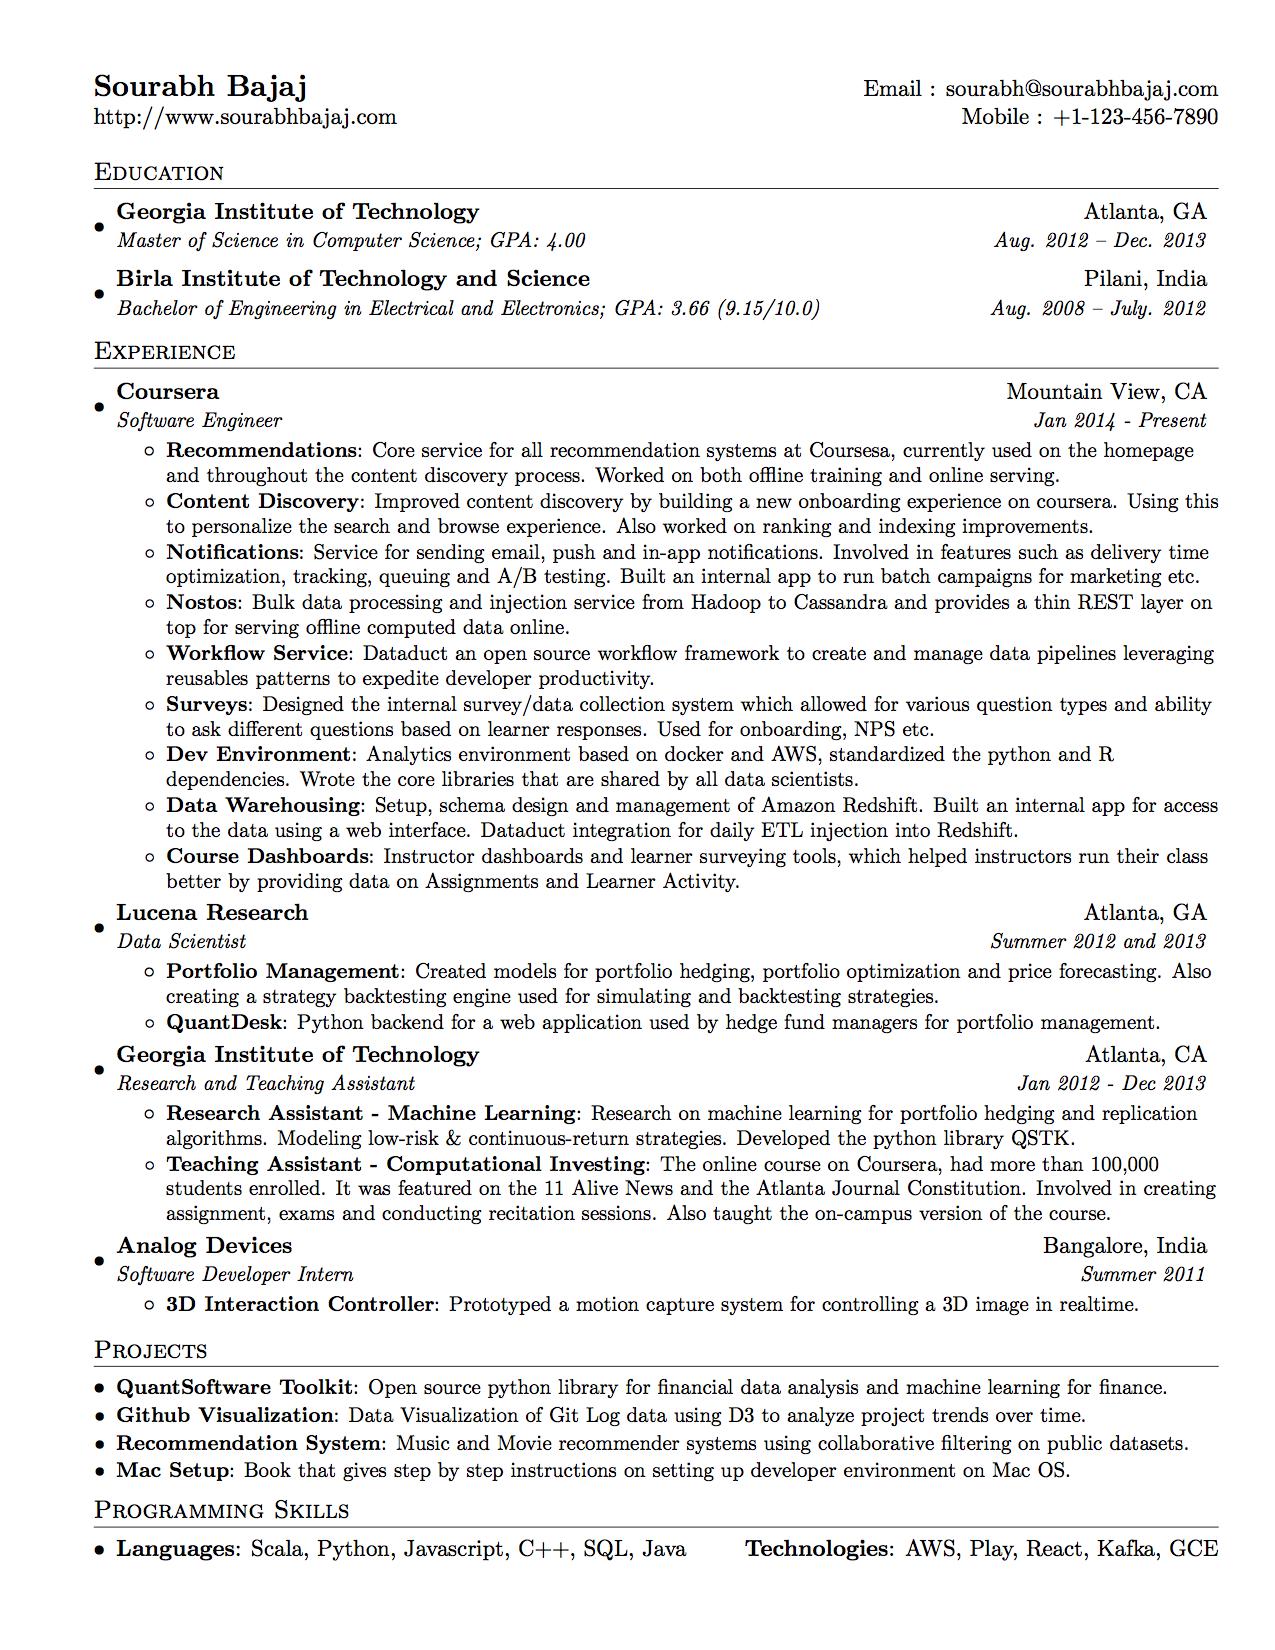 template curriculum vitae latex